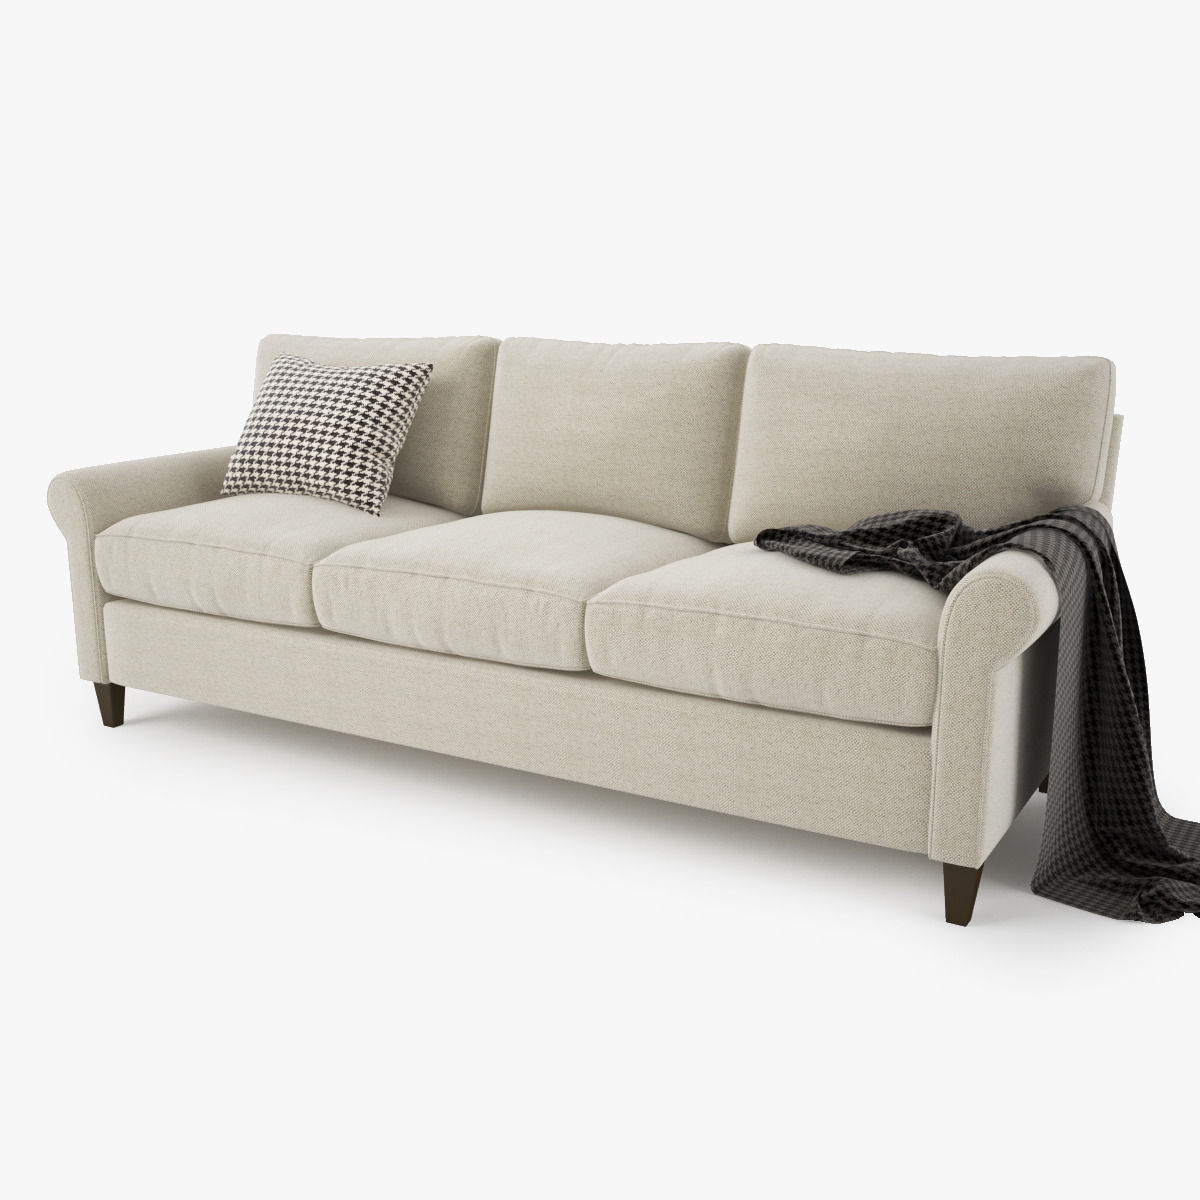 ... Crate And Barrel Montclair 3 Seat Sofa 3d Model Max Obj Mtl Fbx 2 ...